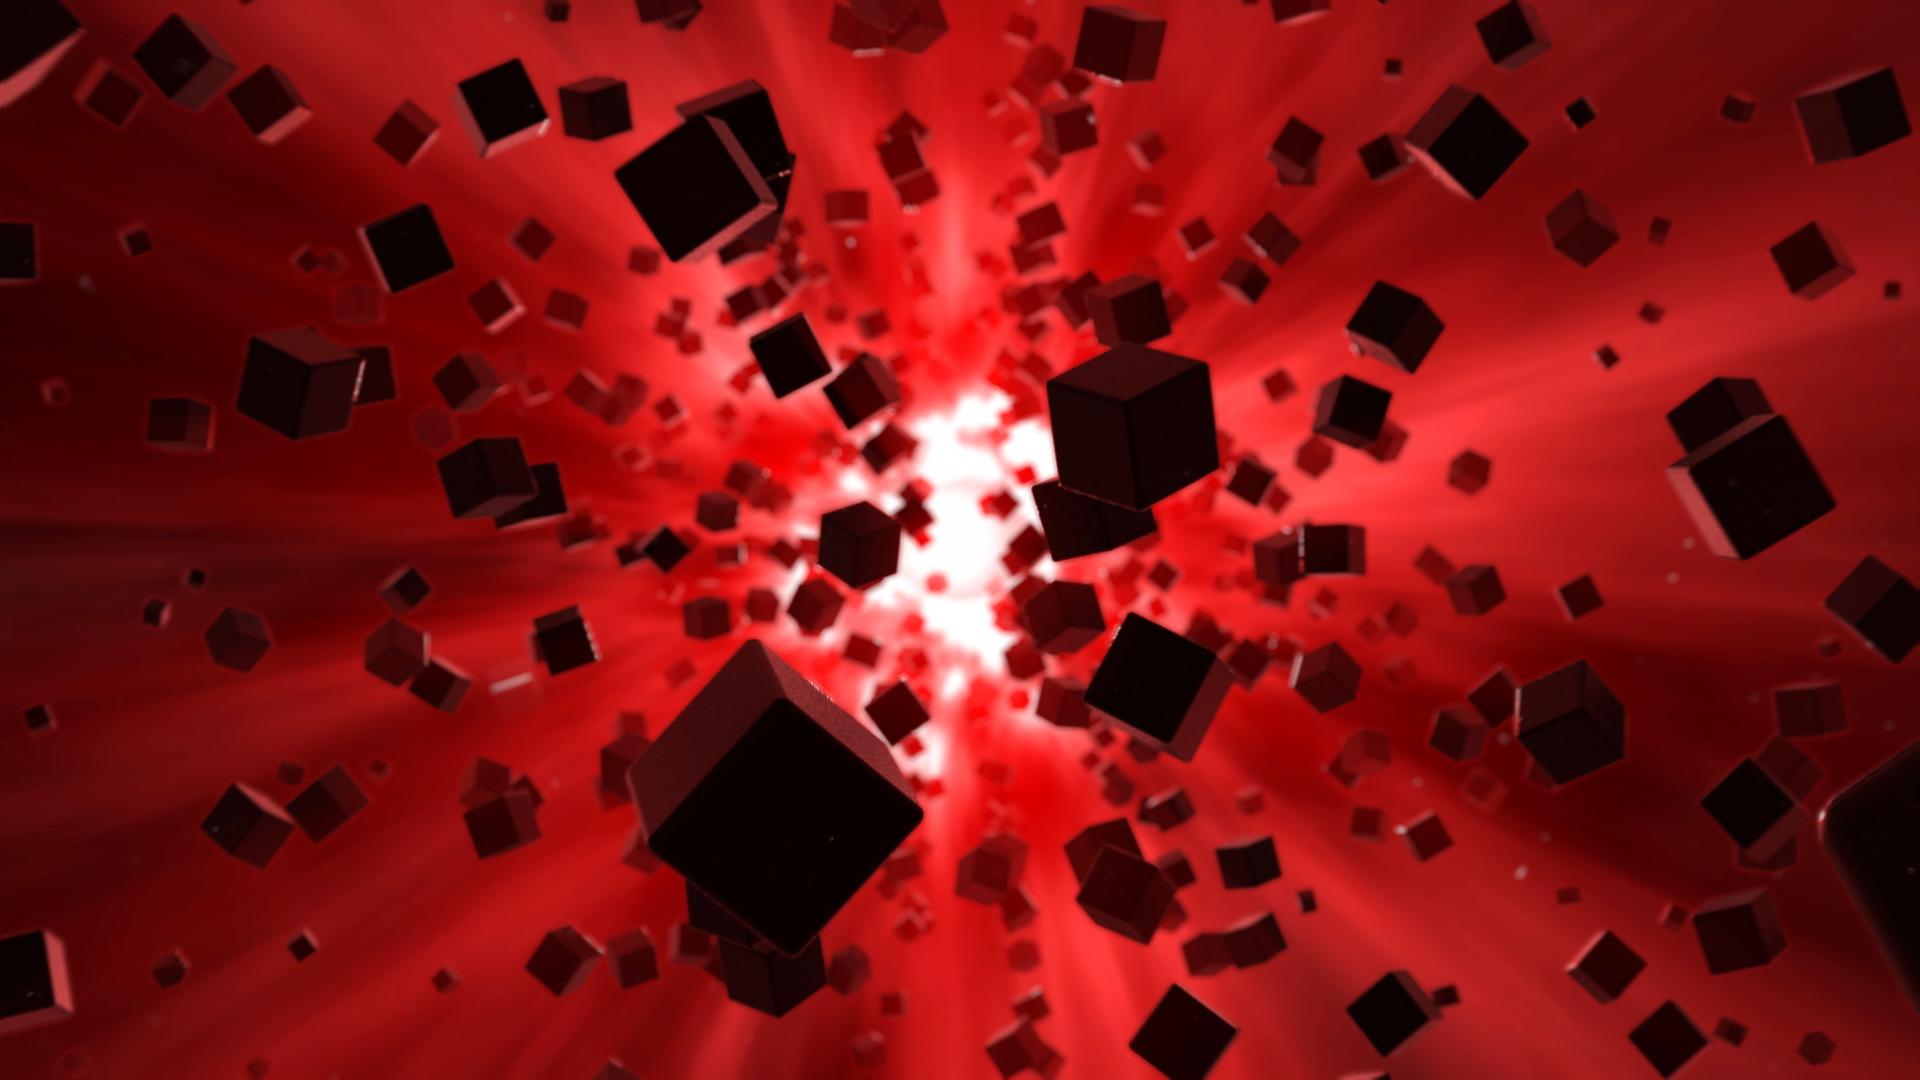 Particles_30sec_040617 (1-00-25-04).png